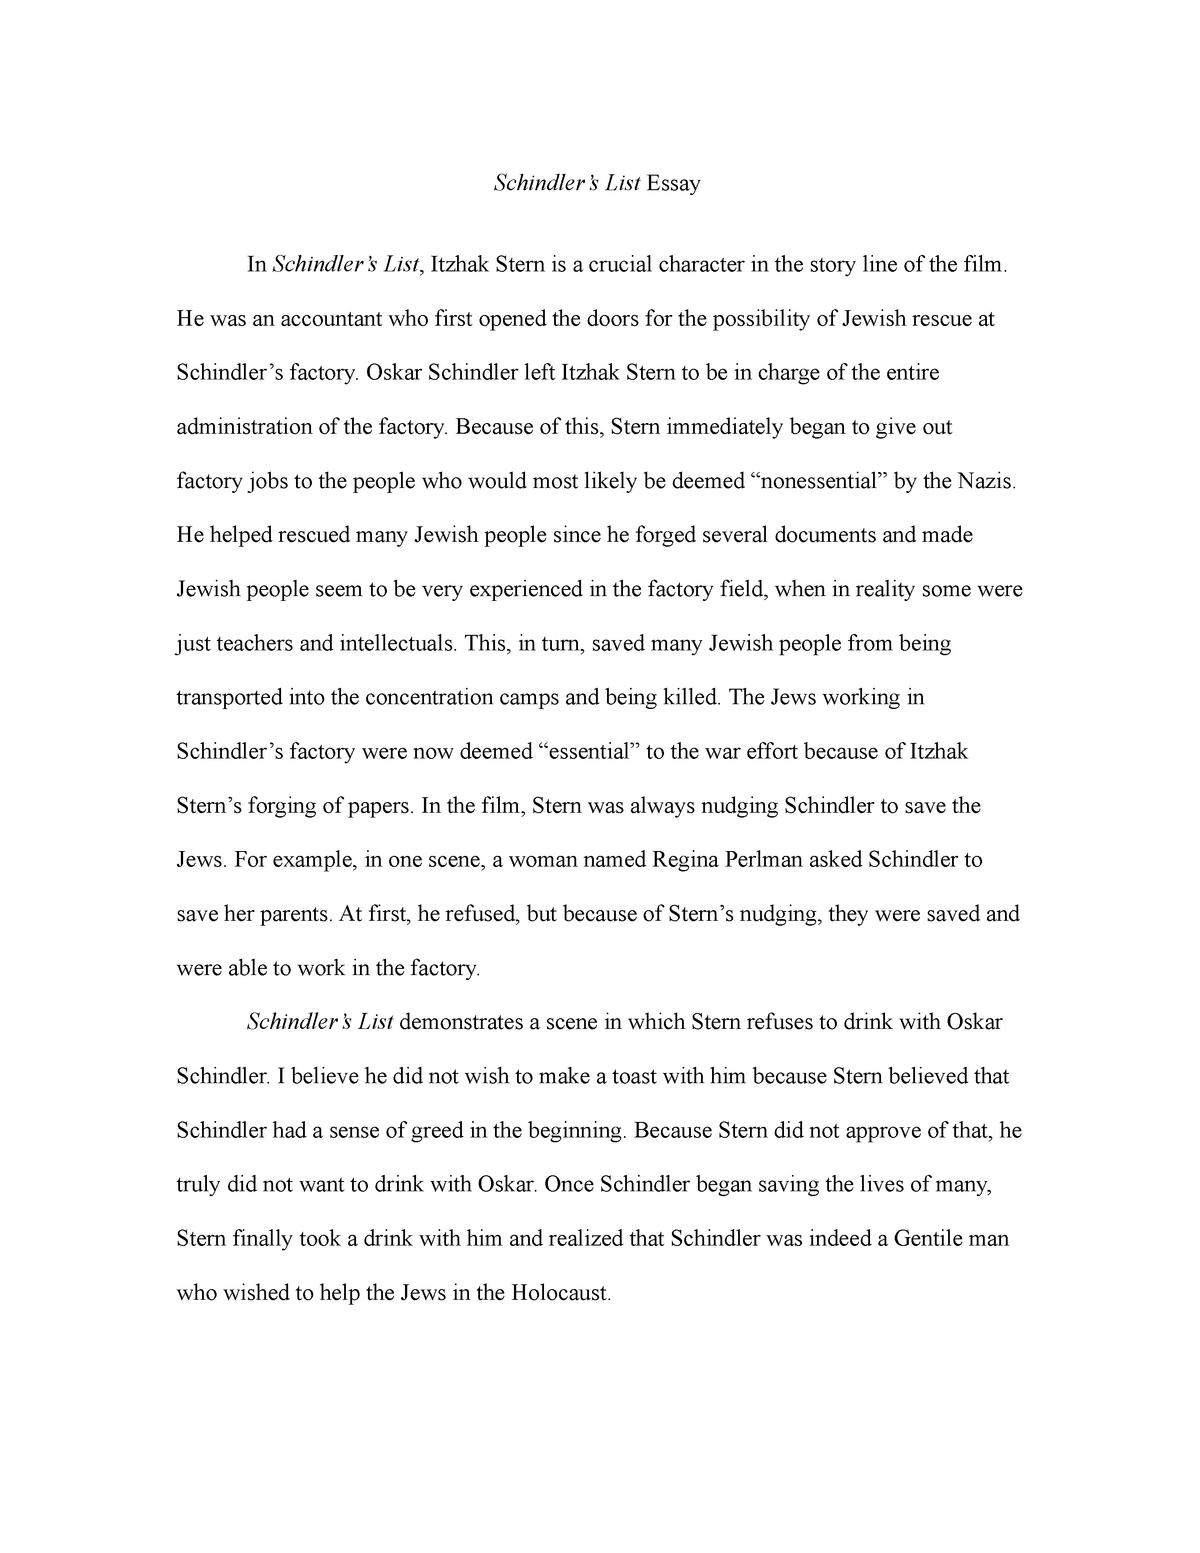 Schindlers list film essay